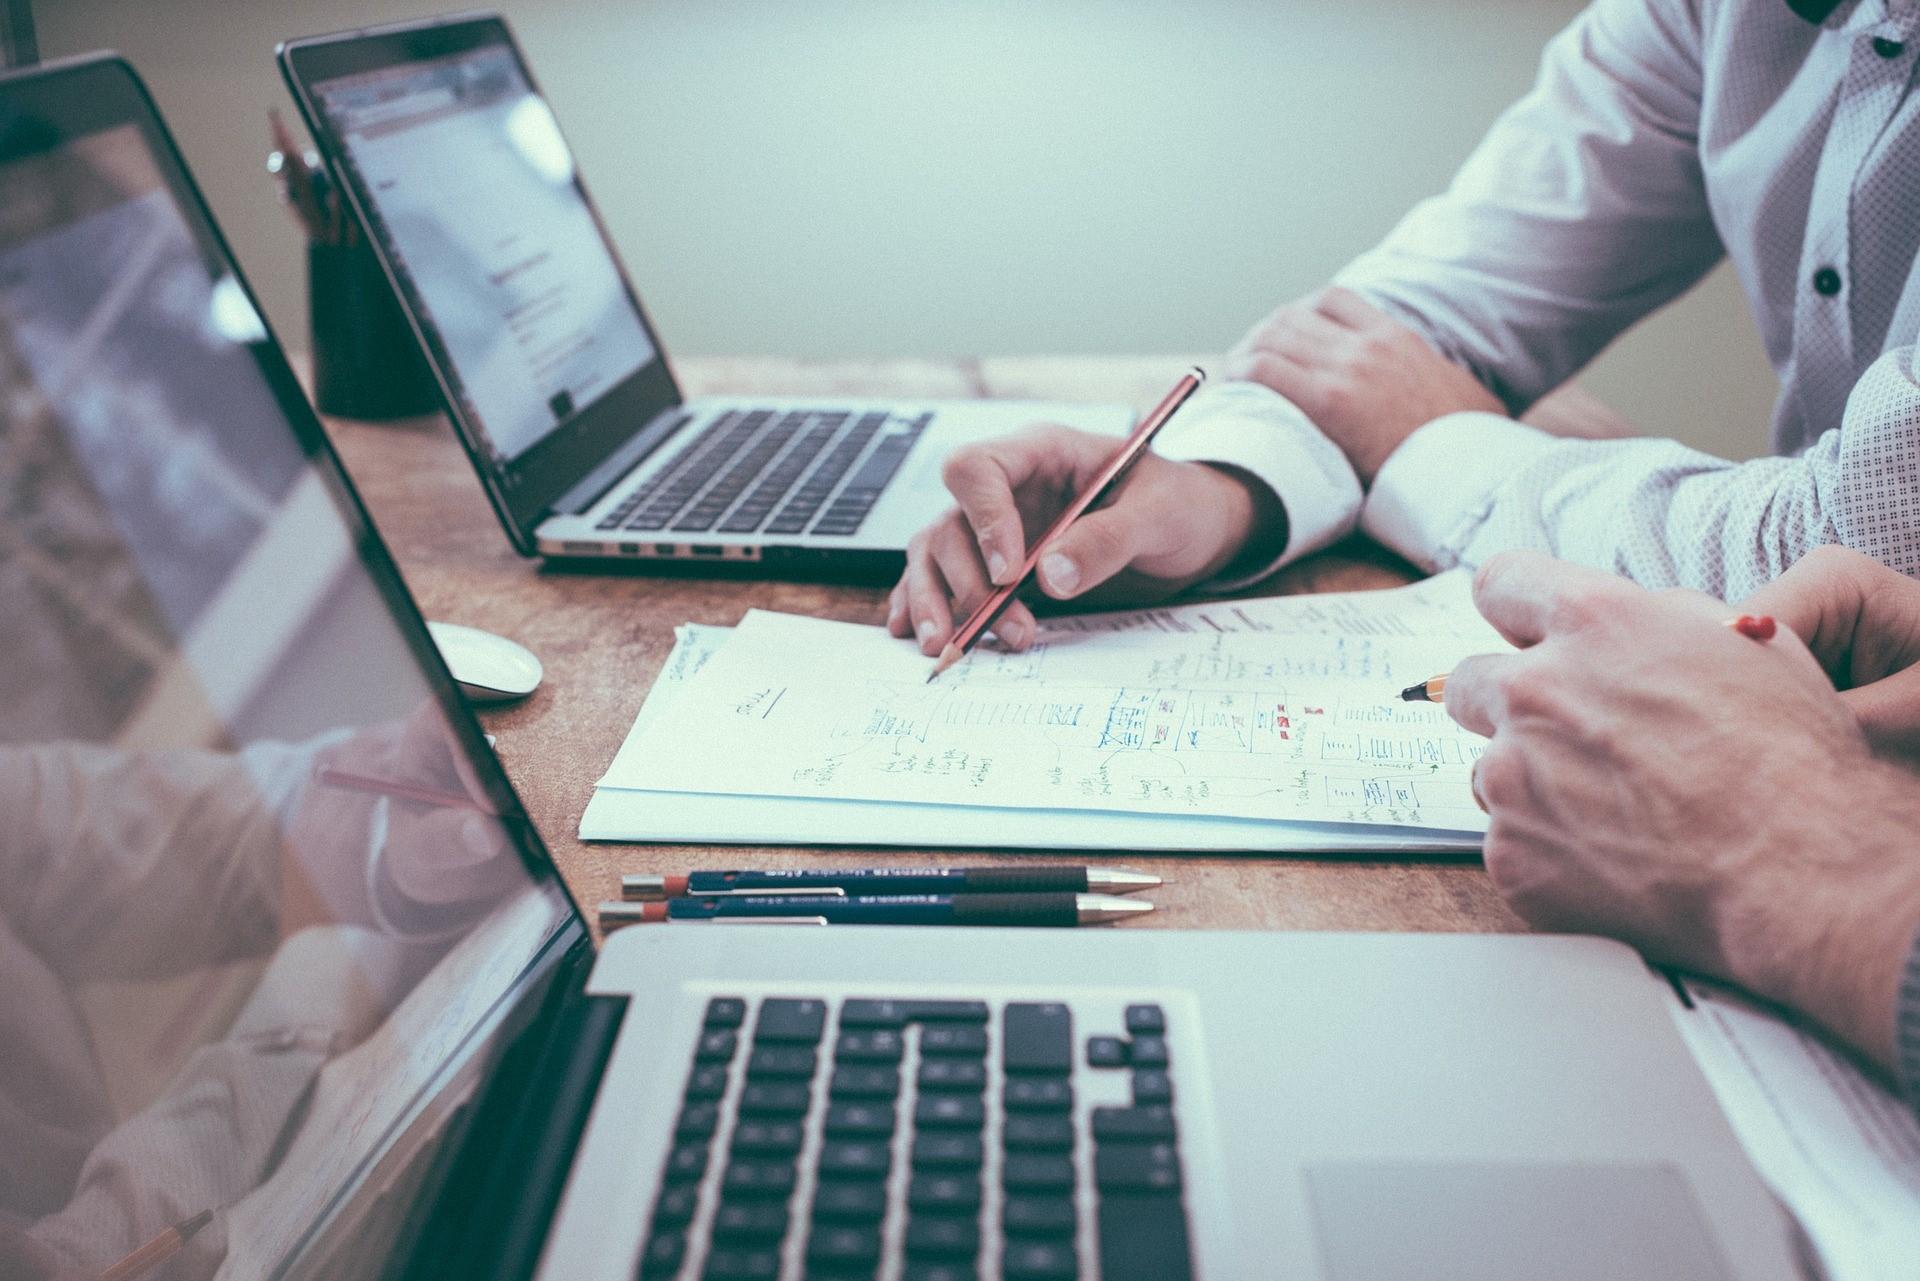 Czym zajmują się brokerzy informacji?